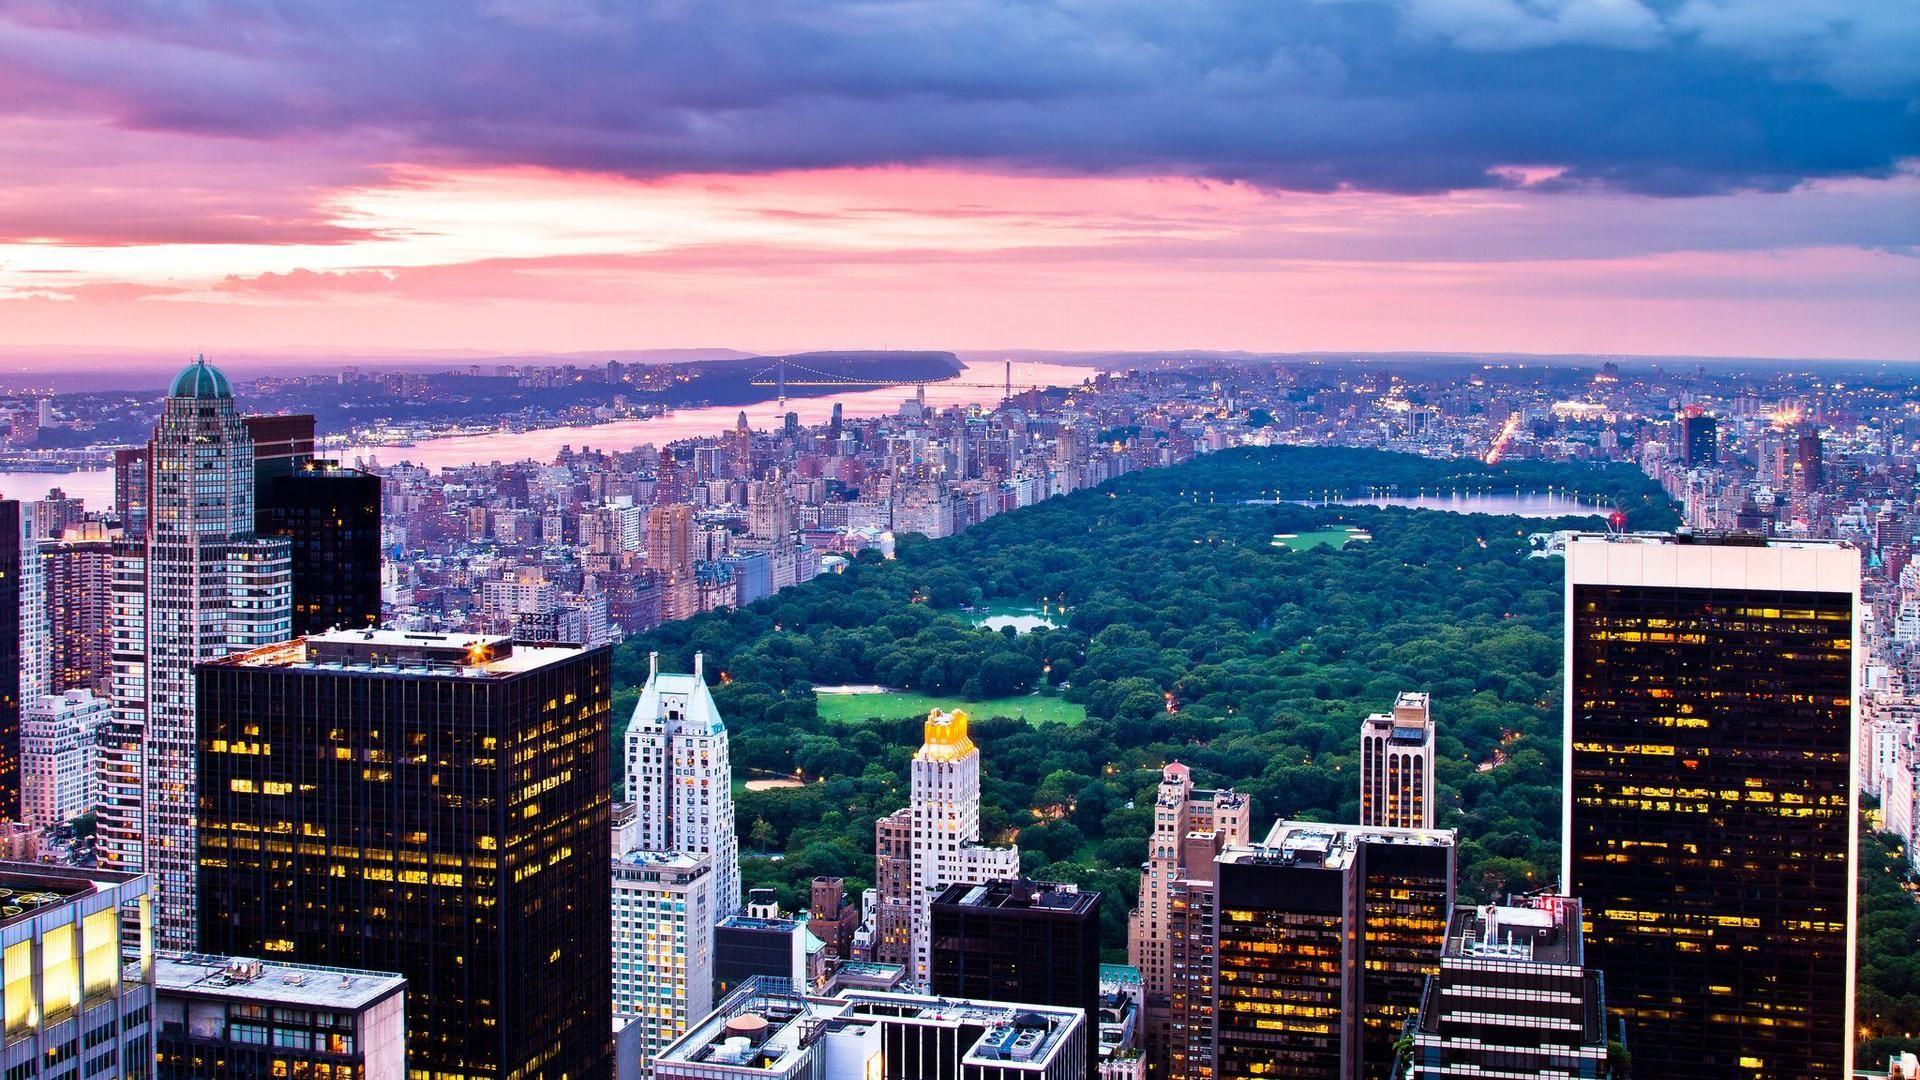 Обои manhattan, центральный парк, new york city. Города foto 17